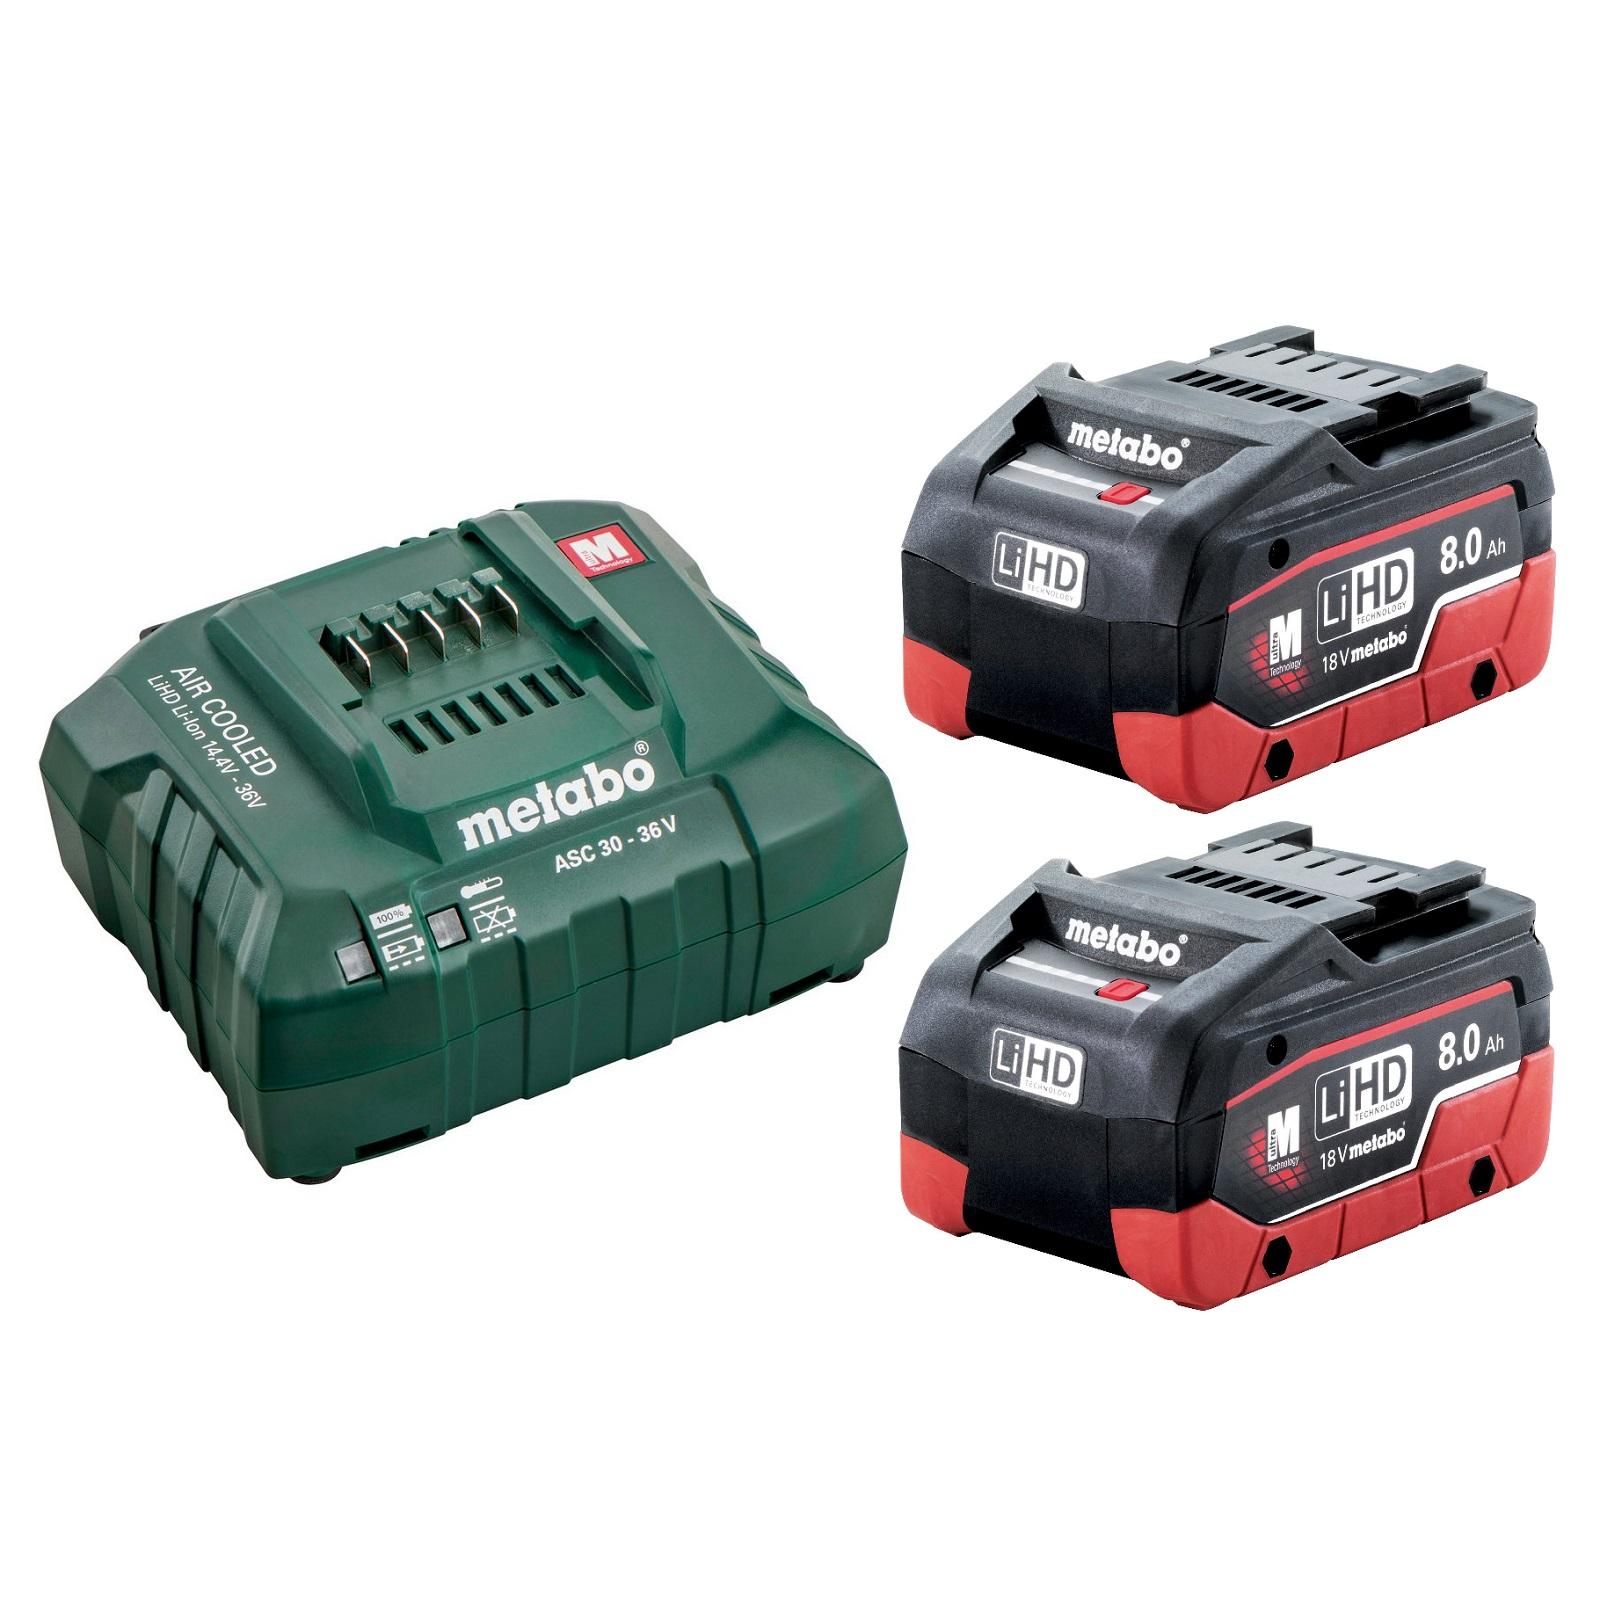 8,0 Ah HD-Batterie avec Optimal Performance 625369000 cas Metabo Pack Batterie LiHD 18 V